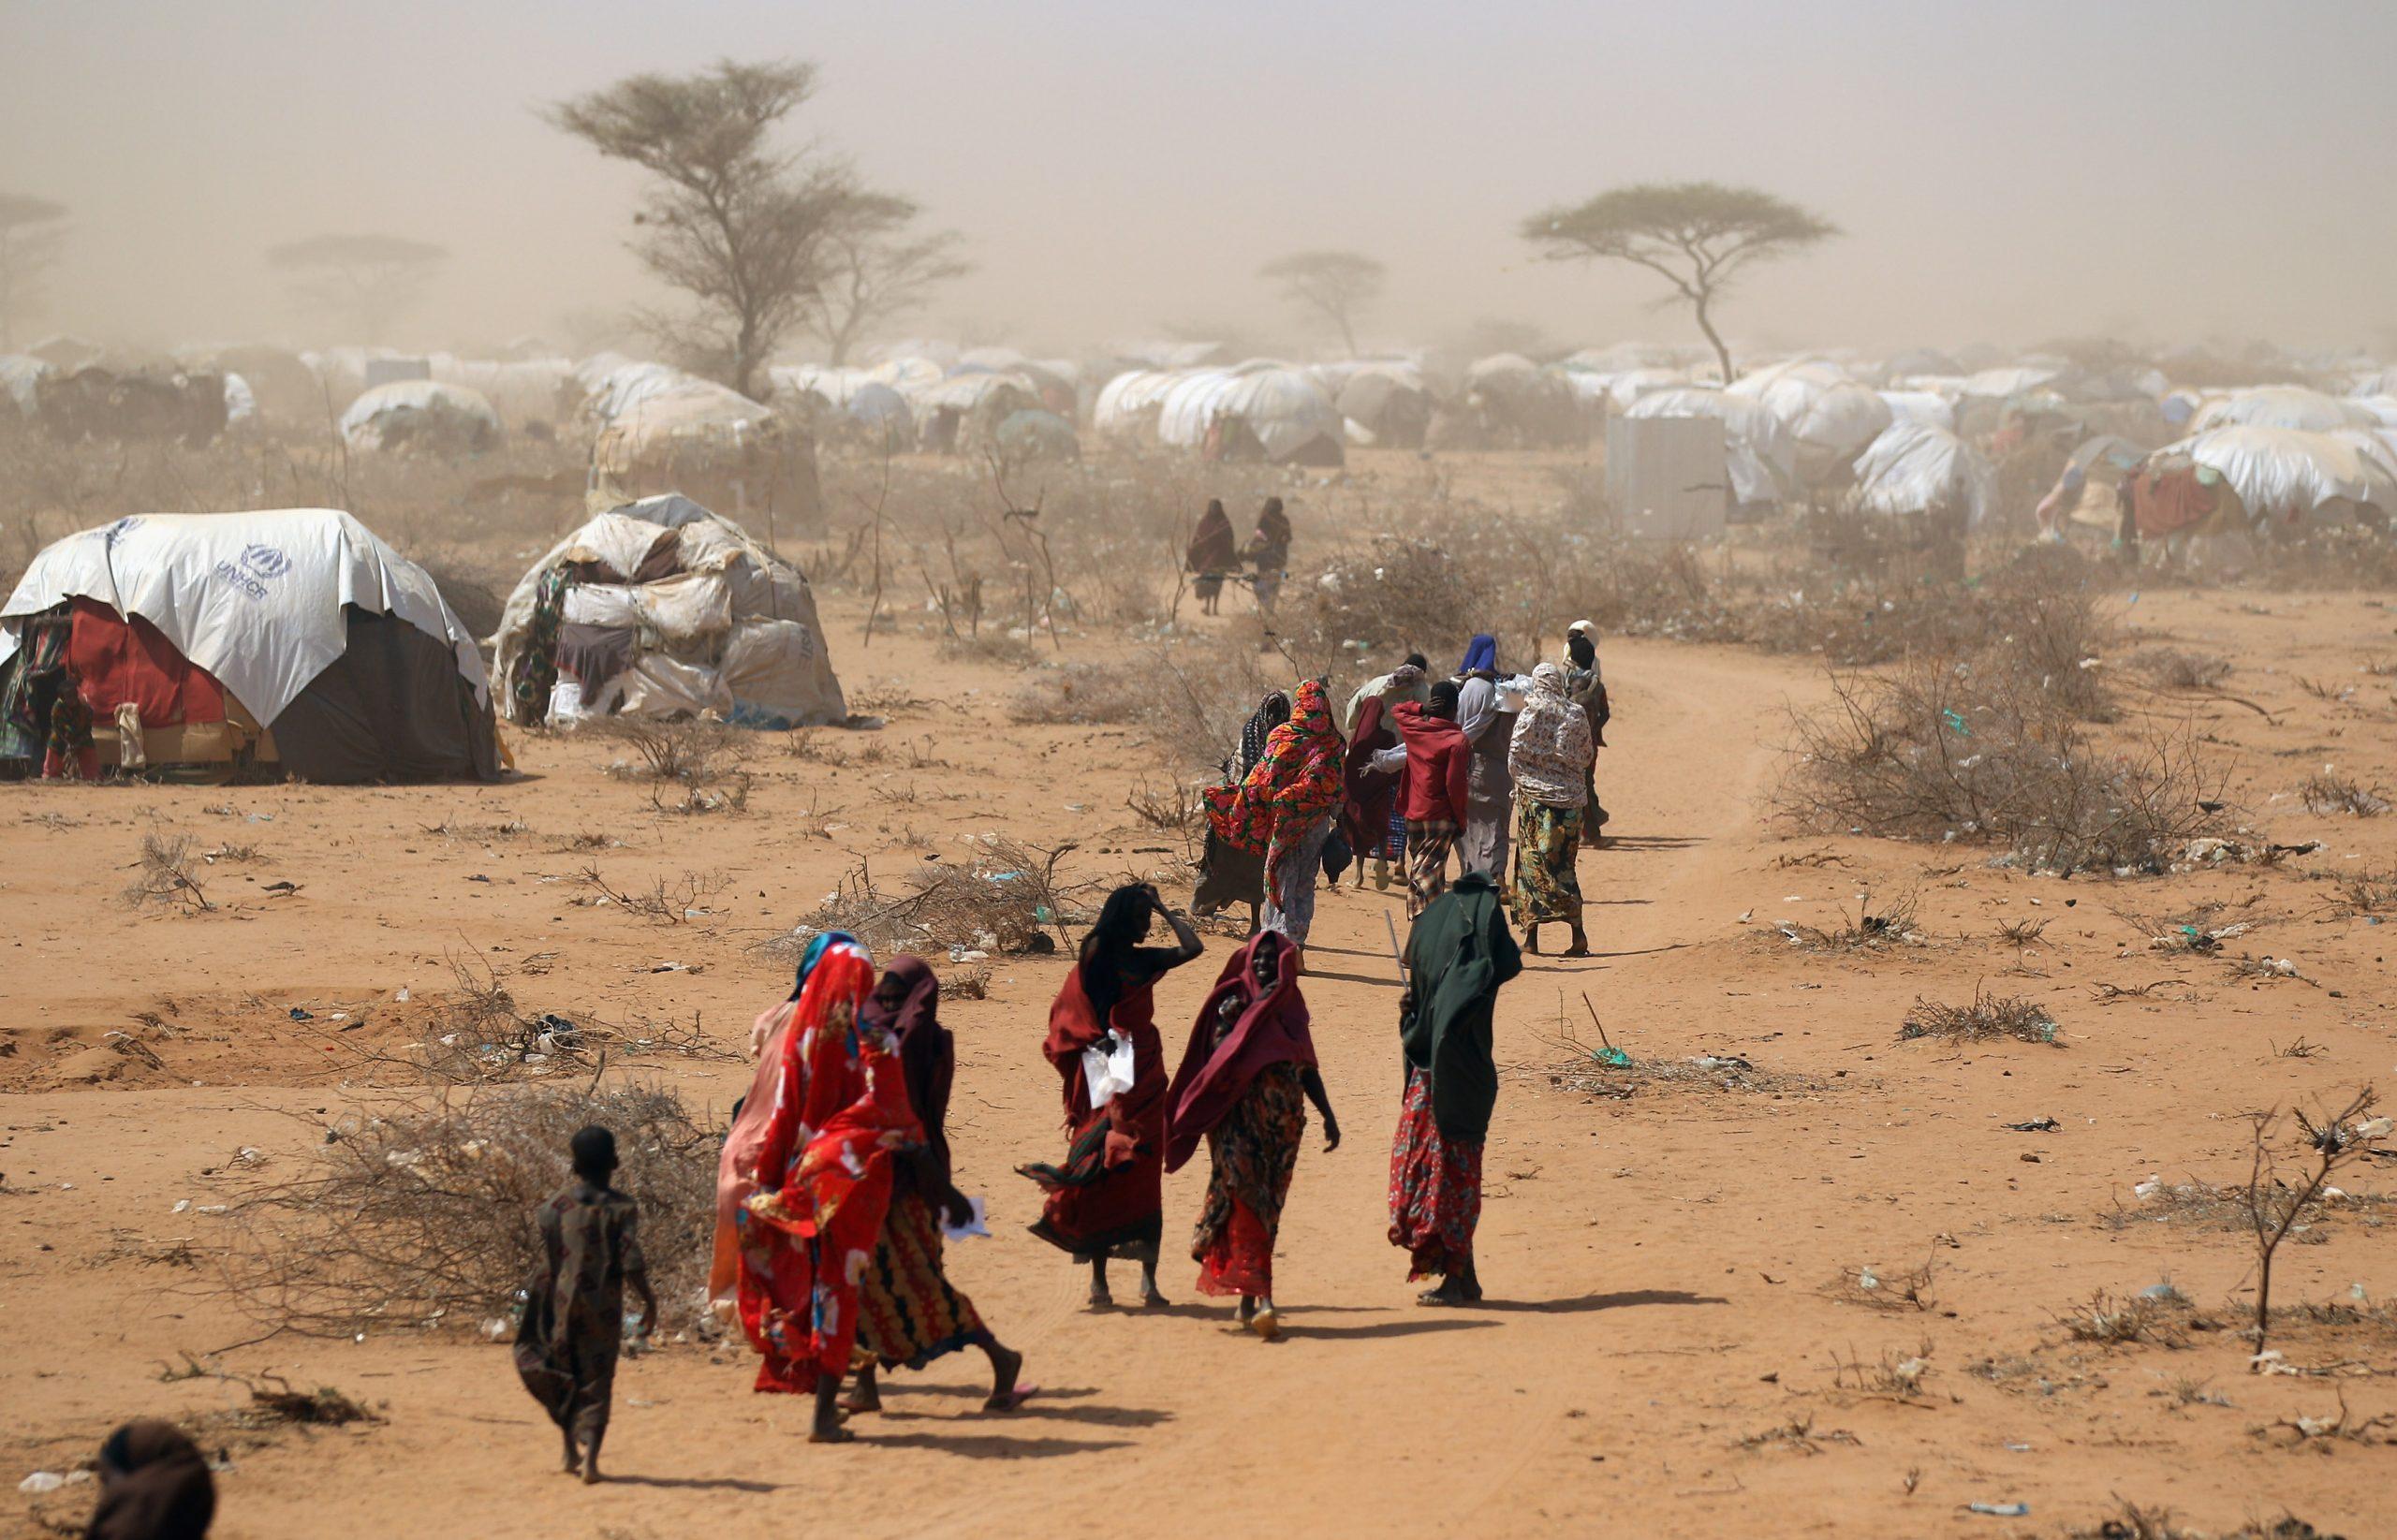 Giornata Dei Rifugiati, I Primi Esclusi Dalla Risposta Al Covid-19. Soprattutto In Africa